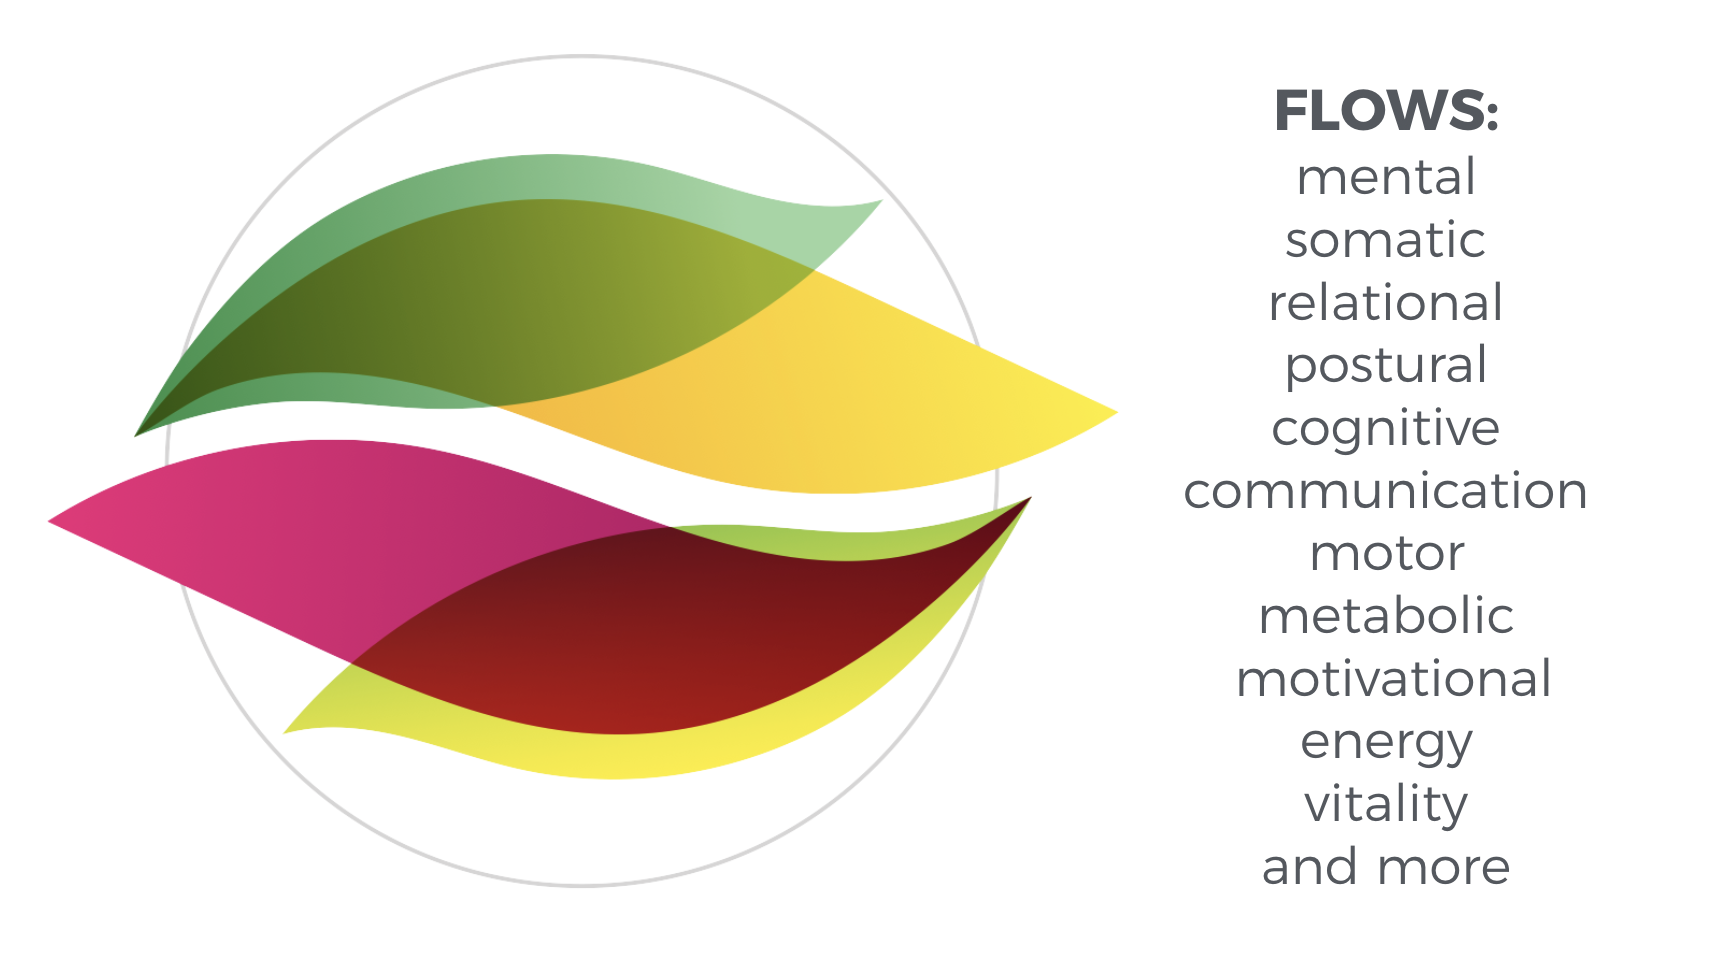 flows: mental emotional postural